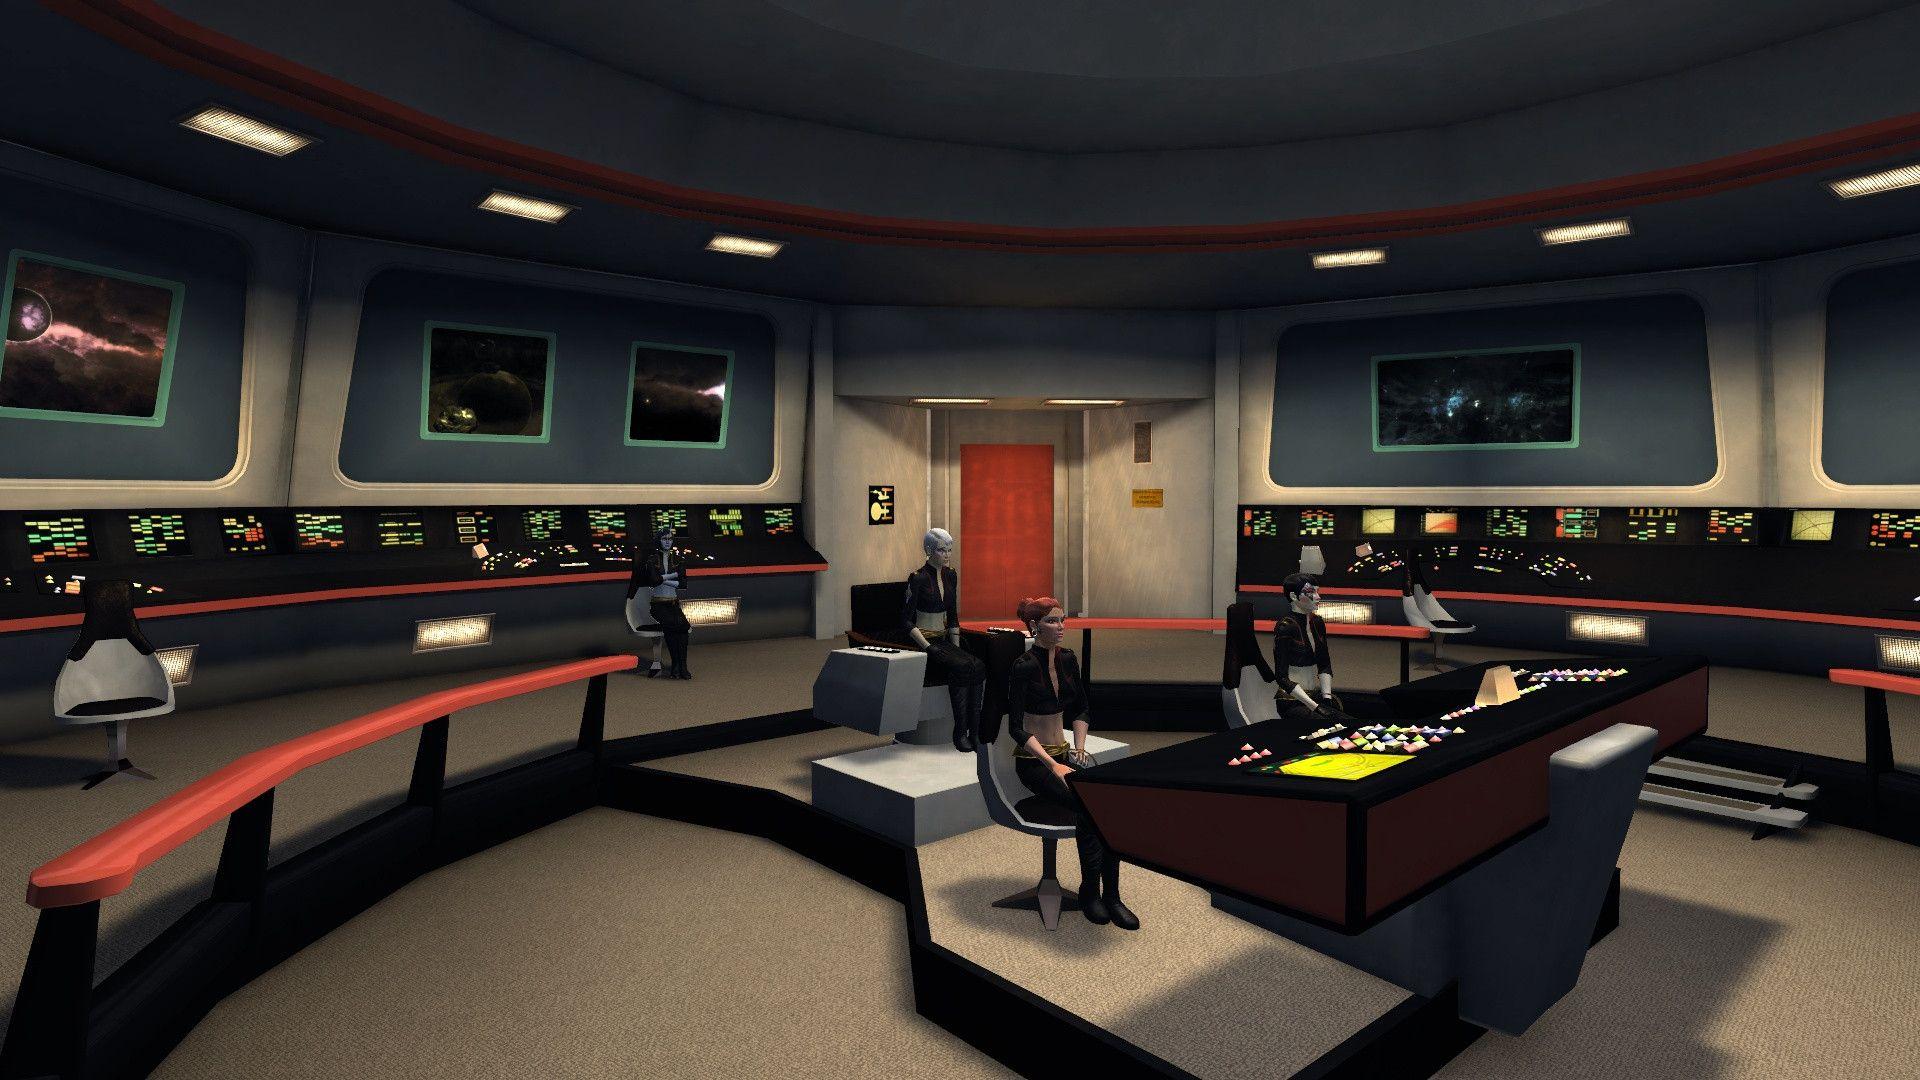 Bridge of Constitutionclass starship Star Trek Constitution